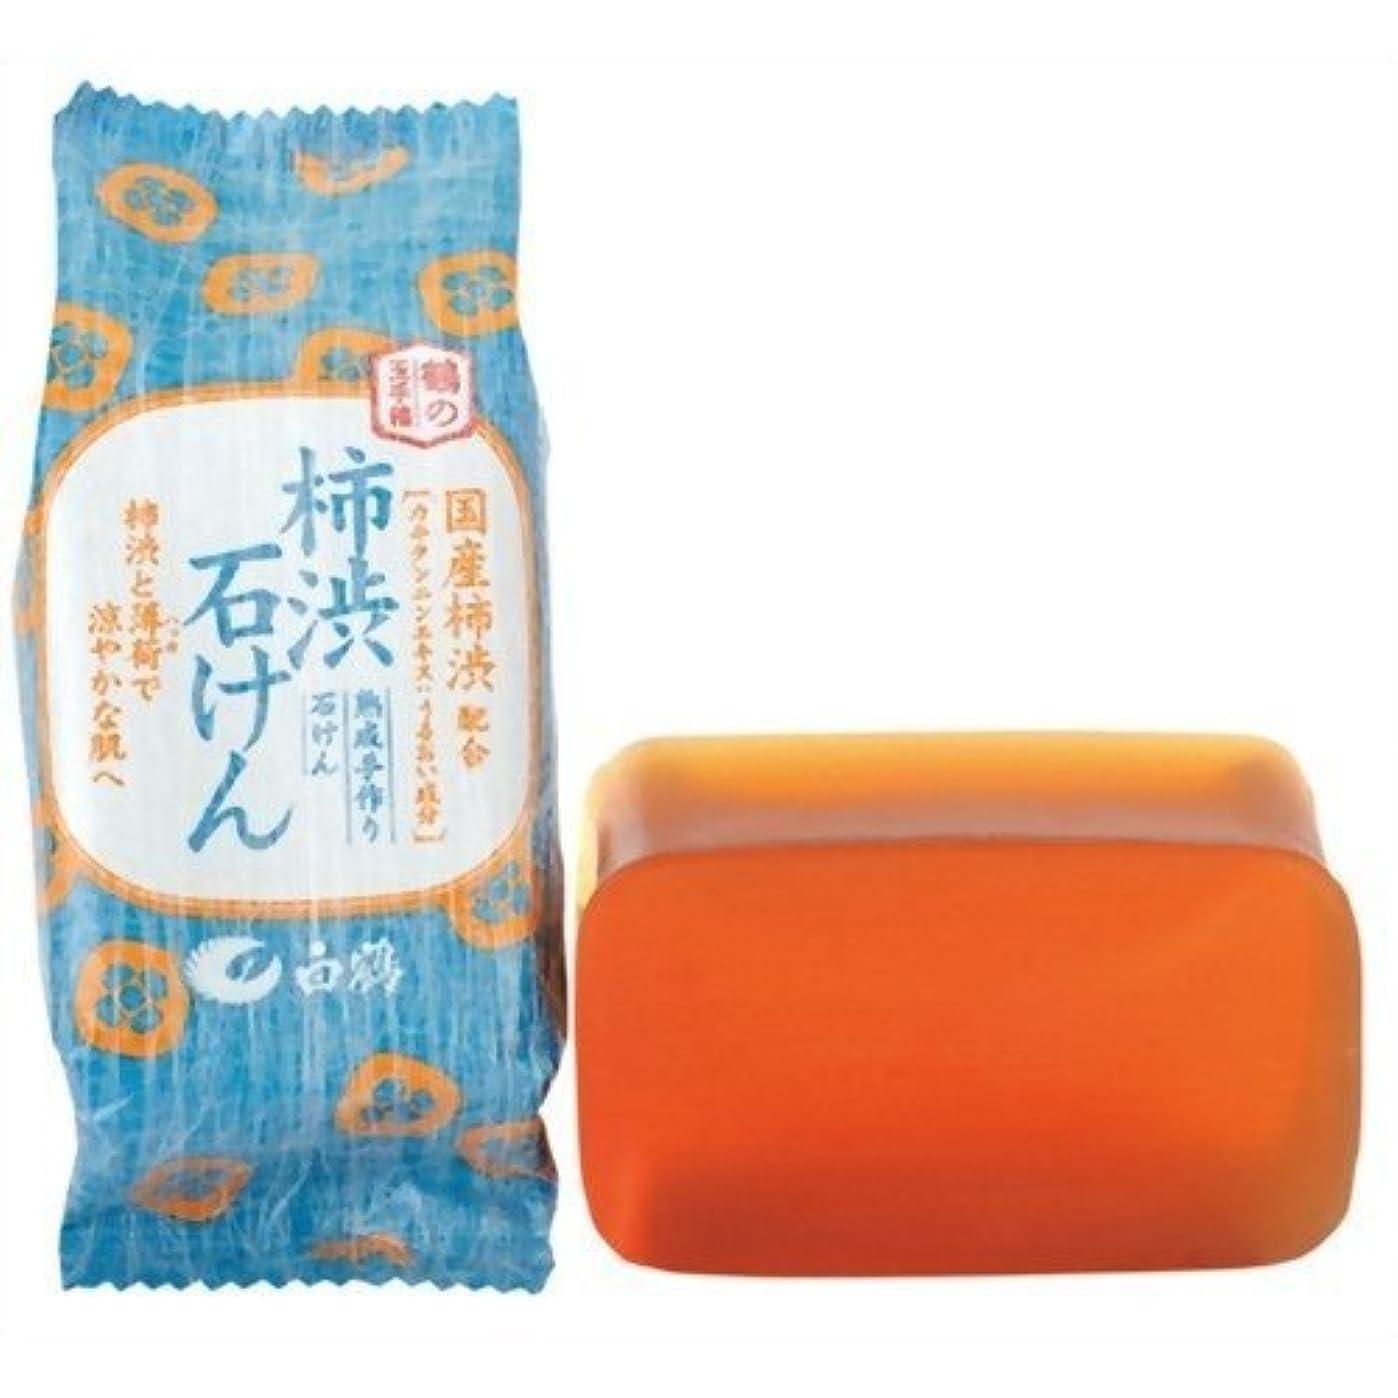 白鶴 鶴の玉手箱 薬用 柿渋石けん 110g × 10個